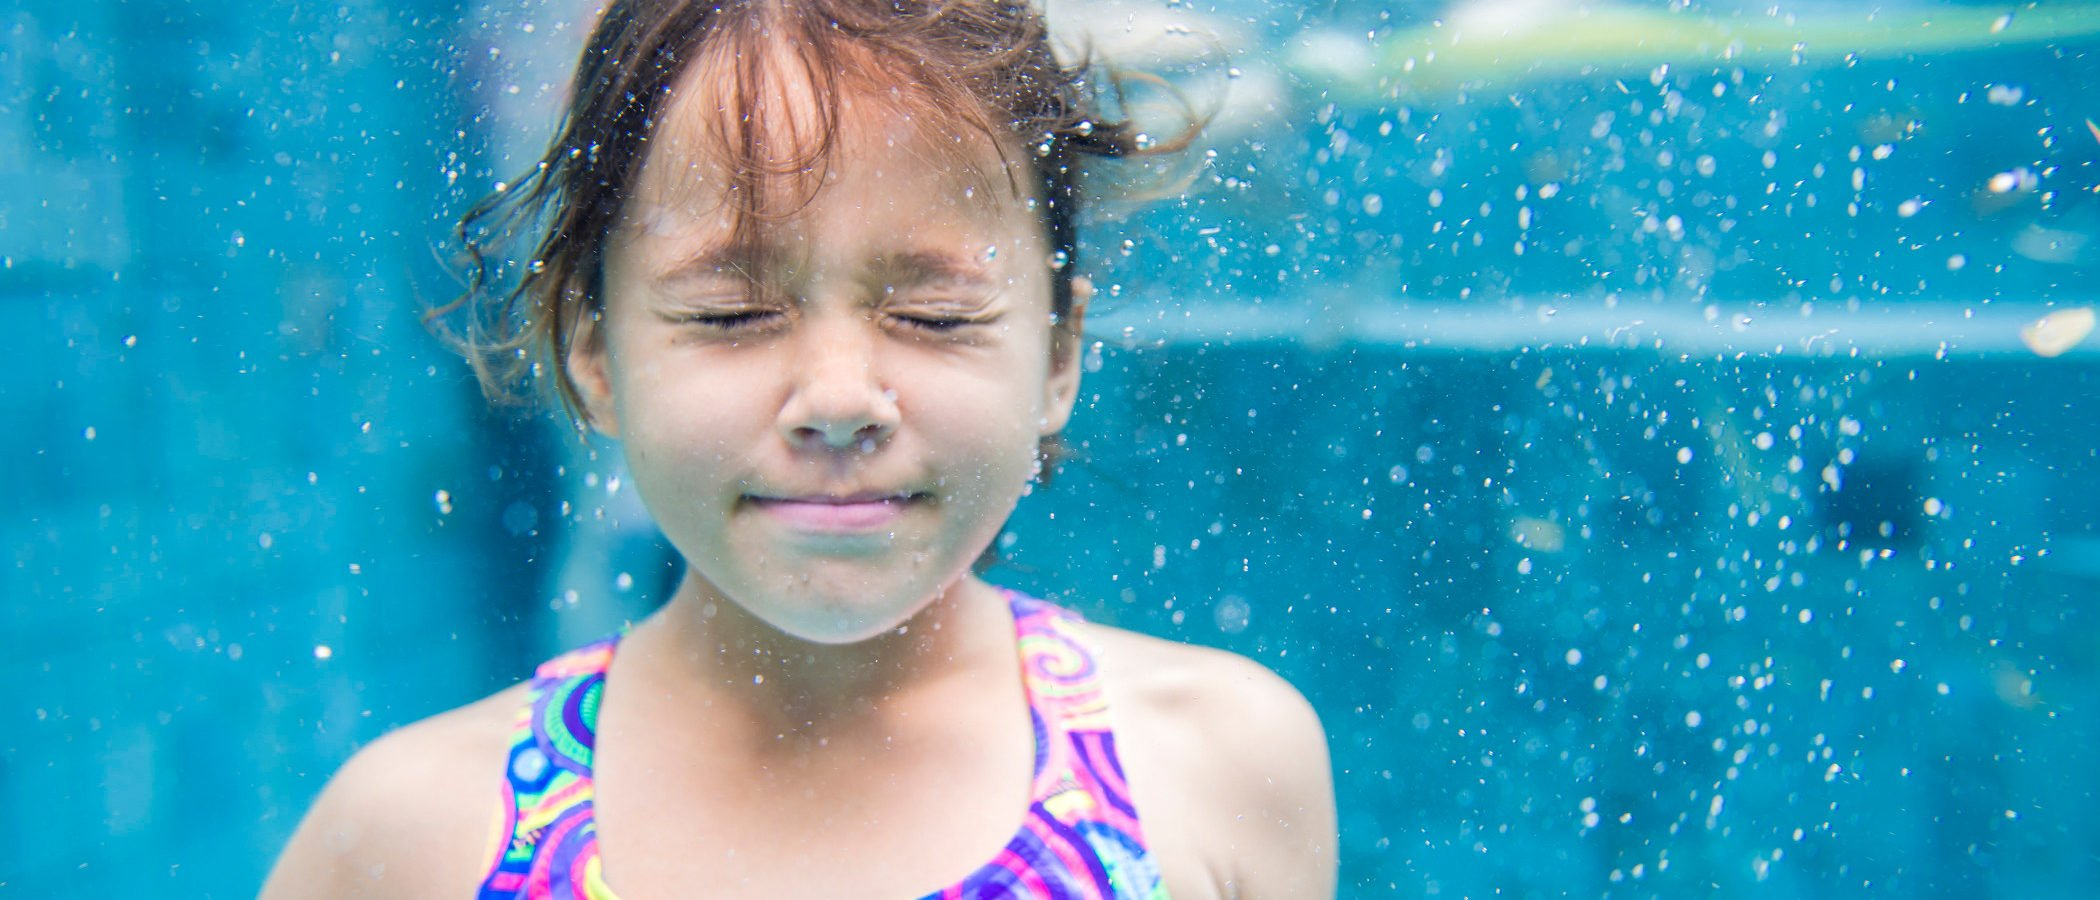 Planes de verano para niños: actividades acuáticas en la piscina